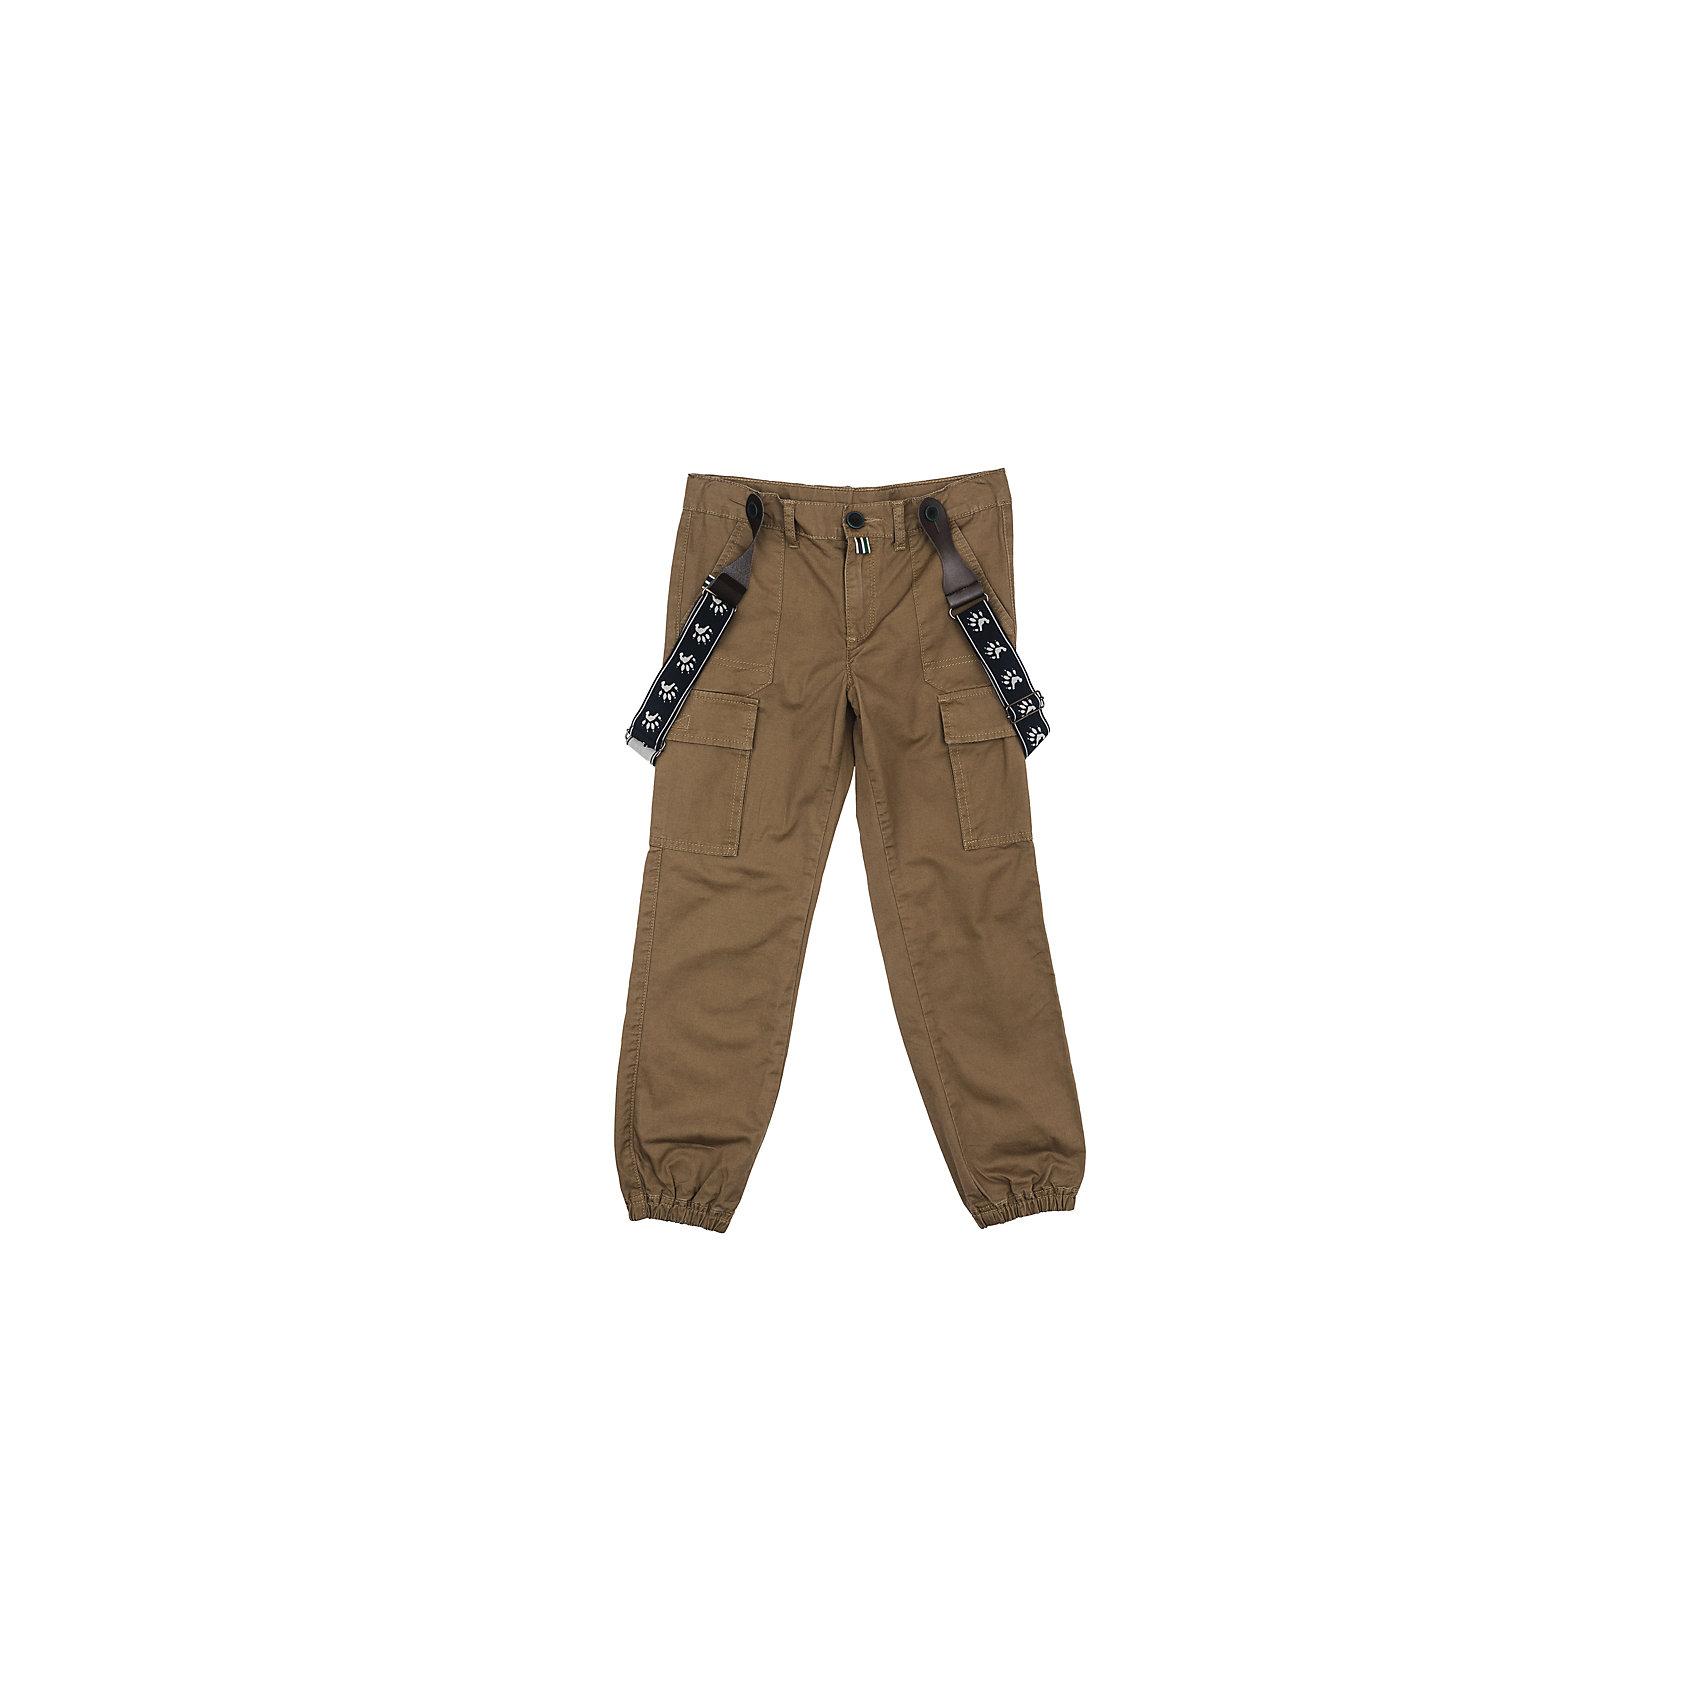 Брюки для мальчика PlayTodayБрюки<br>Брюки для мальчика PlayToday<br>Практичные и удобные брюки из натурального хлопка спортивного стиля смогут быть одной из базовых вещей детского гардероба. Низ брючин на мягких резинках. Модель с эффектными накладными карманами на брючинах. Брюки декорированы подтяжками с ярким принтом.Преимущества: Модель с мягкими резинками по низу брючинБрюки декорированы эффектными подтяжкамиМодель со шлевками<br>Состав:<br>100% хлопок<br><br>Ширина мм: 215<br>Глубина мм: 88<br>Высота мм: 191<br>Вес г: 336<br>Цвет: разноцветный<br>Возраст от месяцев: 72<br>Возраст до месяцев: 84<br>Пол: Мужской<br>Возраст: Детский<br>Размер: 122,128,98,104,116,110<br>SKU: 5403207